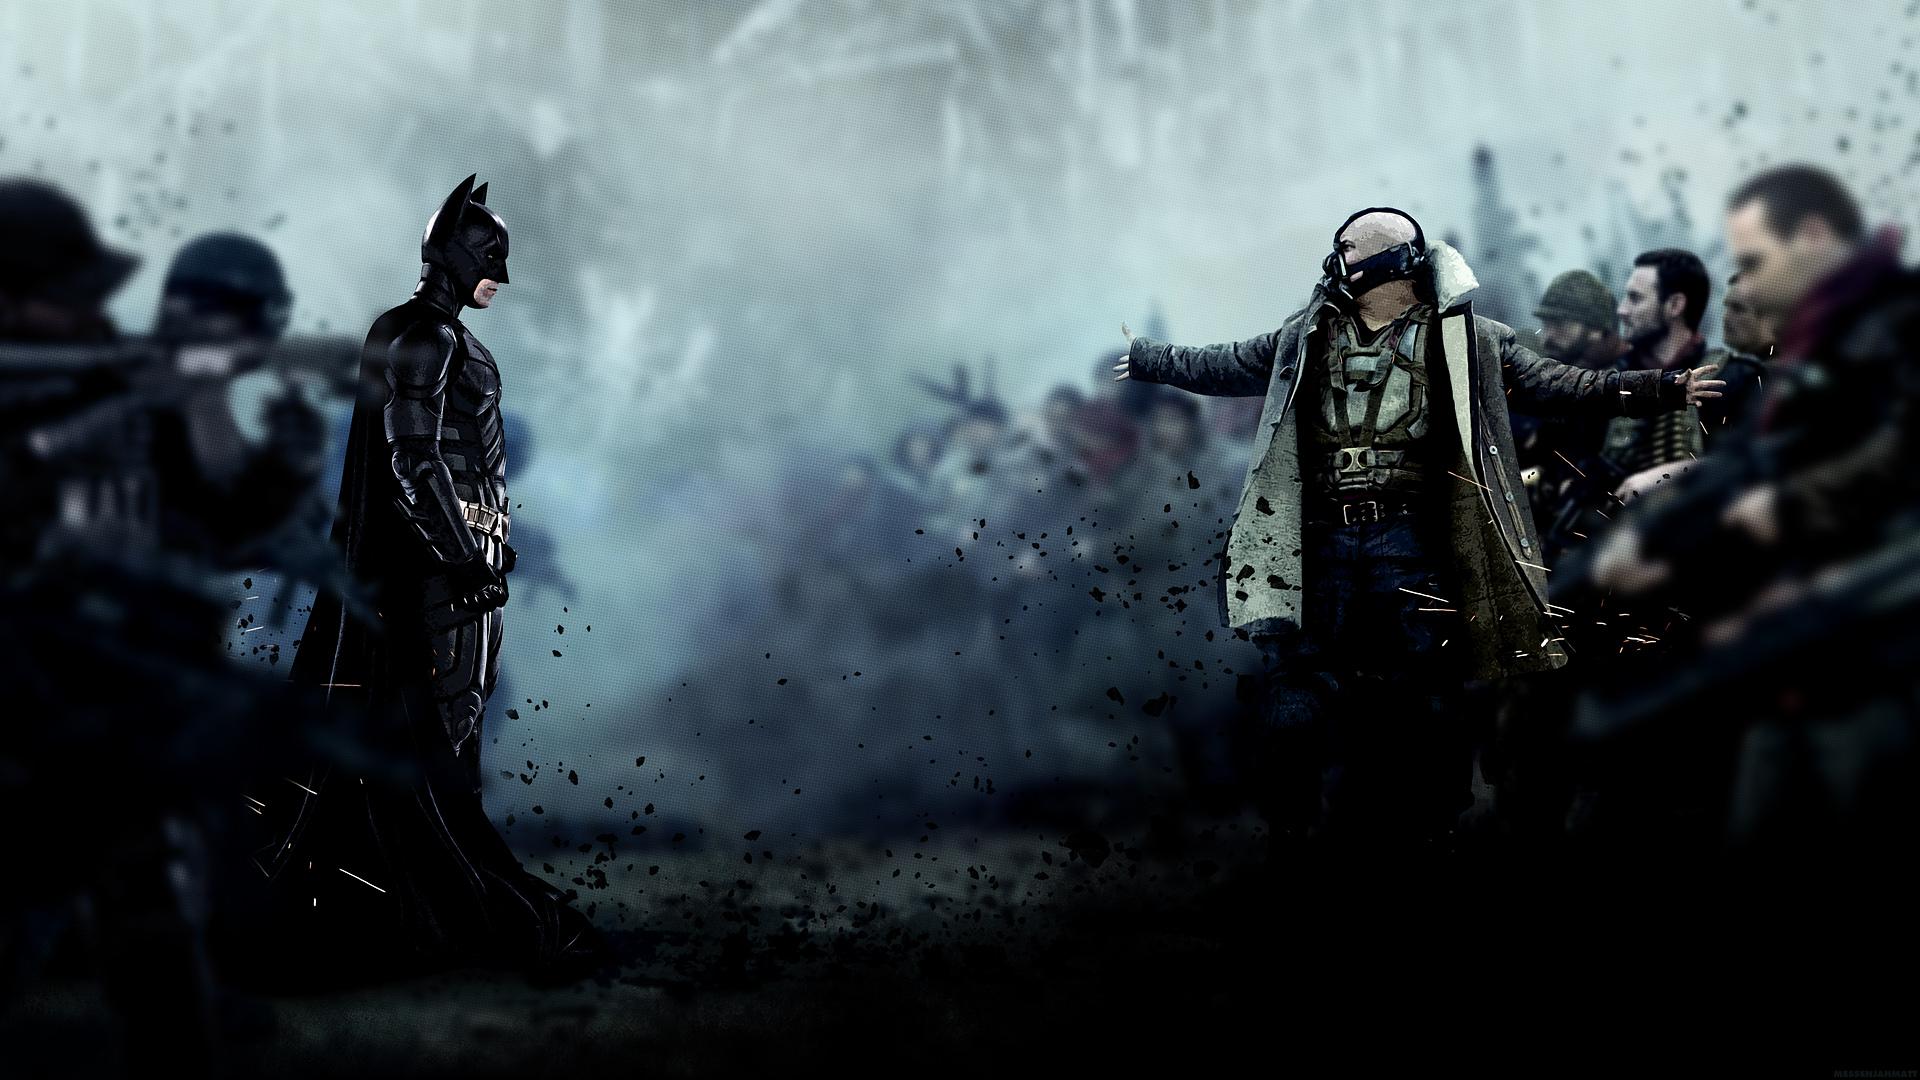 The dark knight rises wallpaper hd ·①.